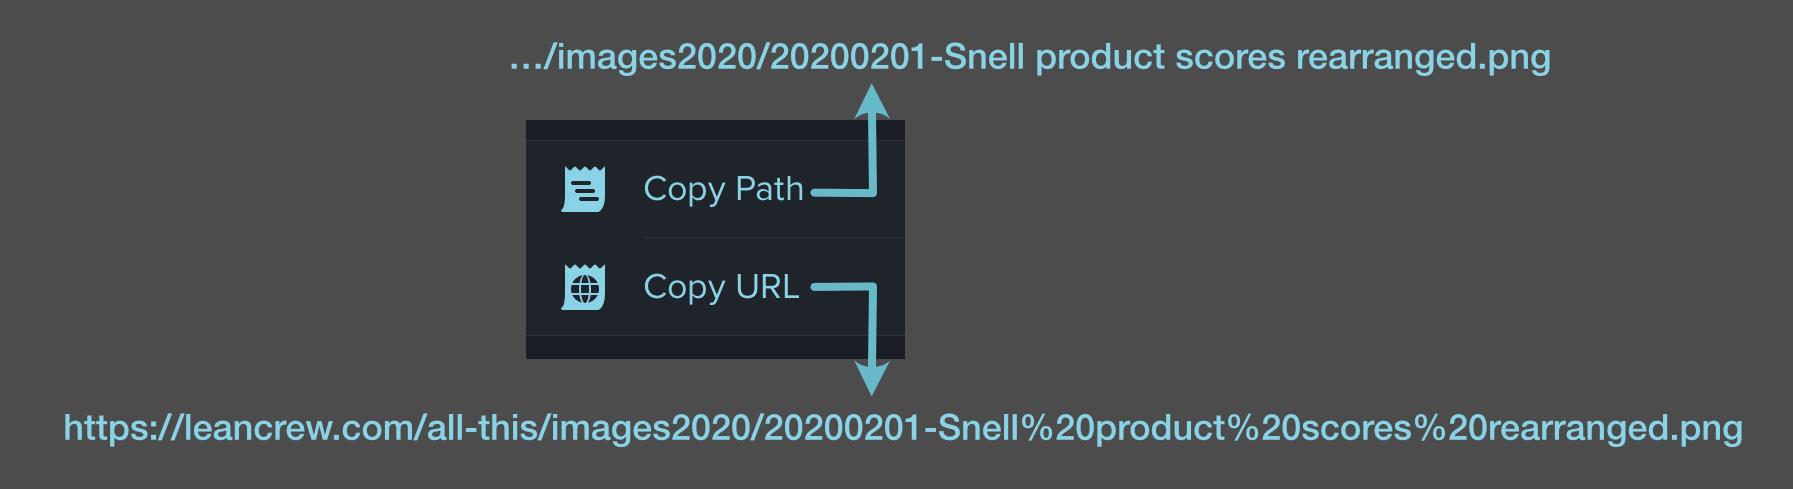 Transmit Copy Path or URL